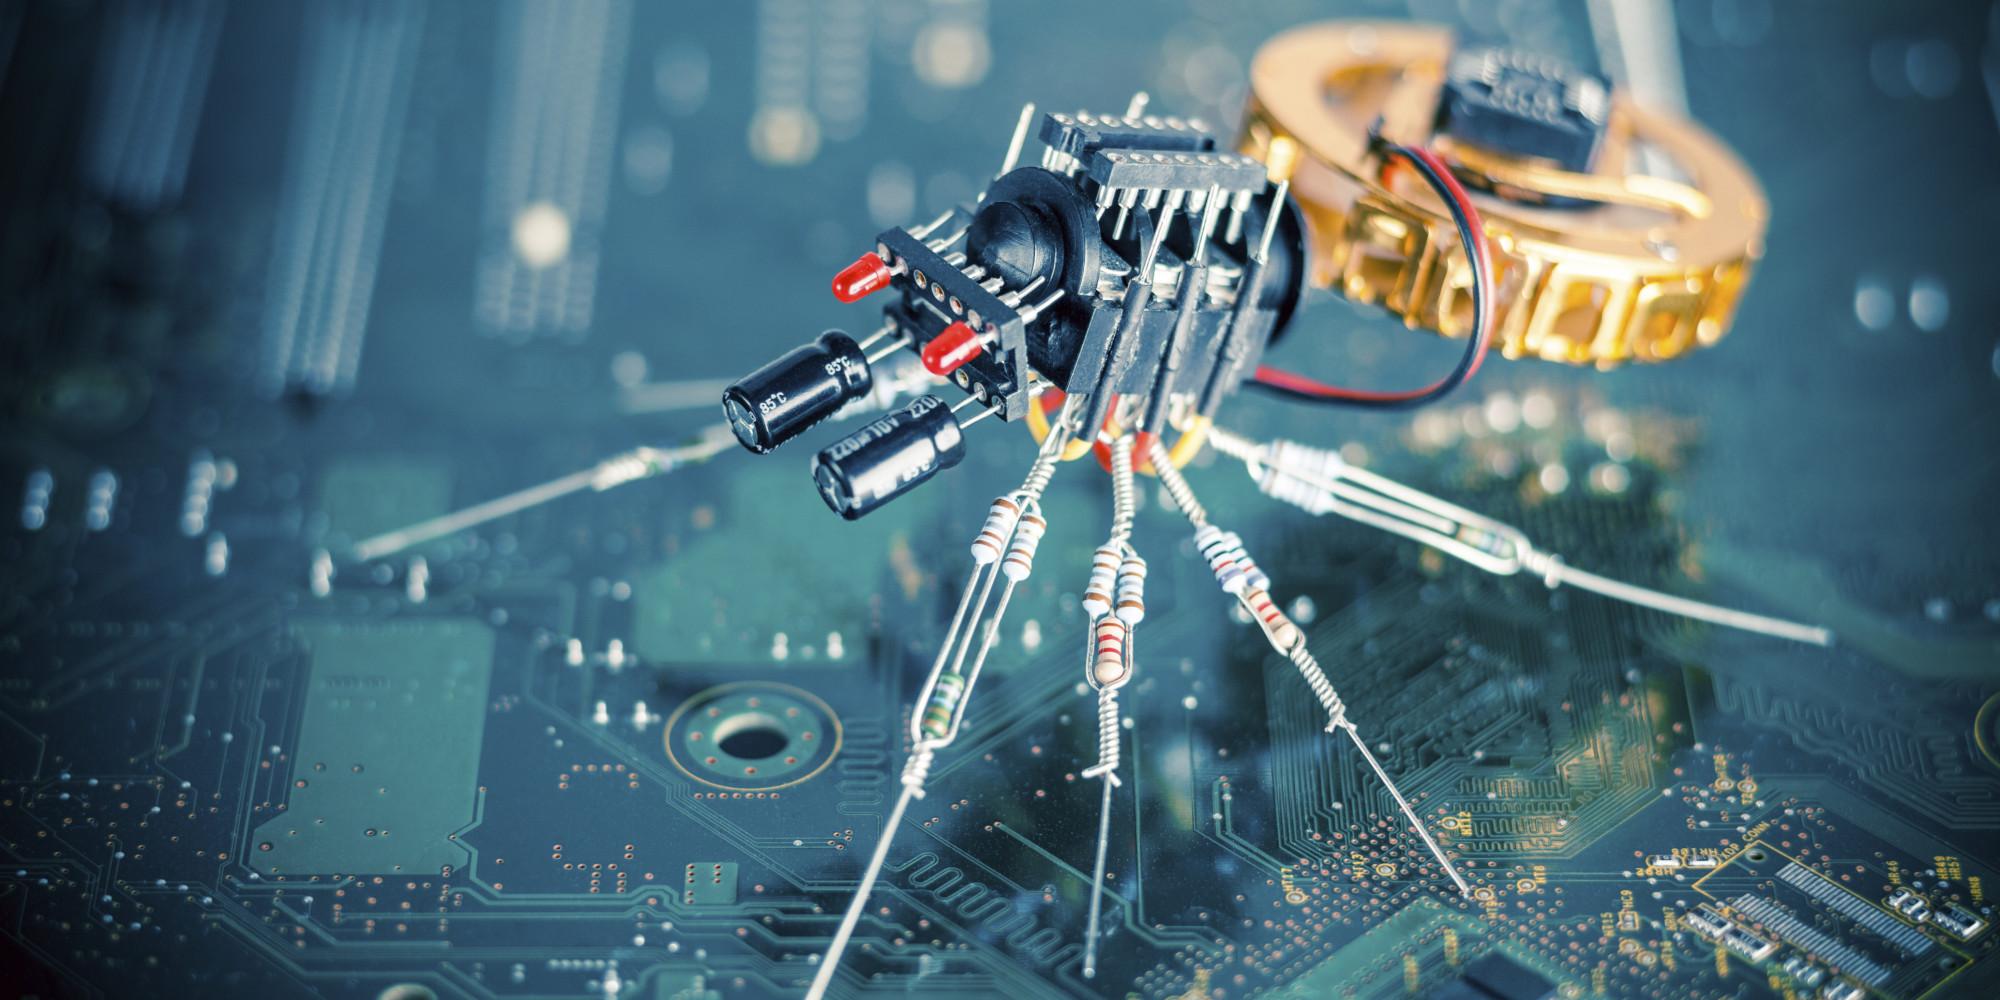 Cơ hôi nghề nghiệp ngành công nghệ mới nano